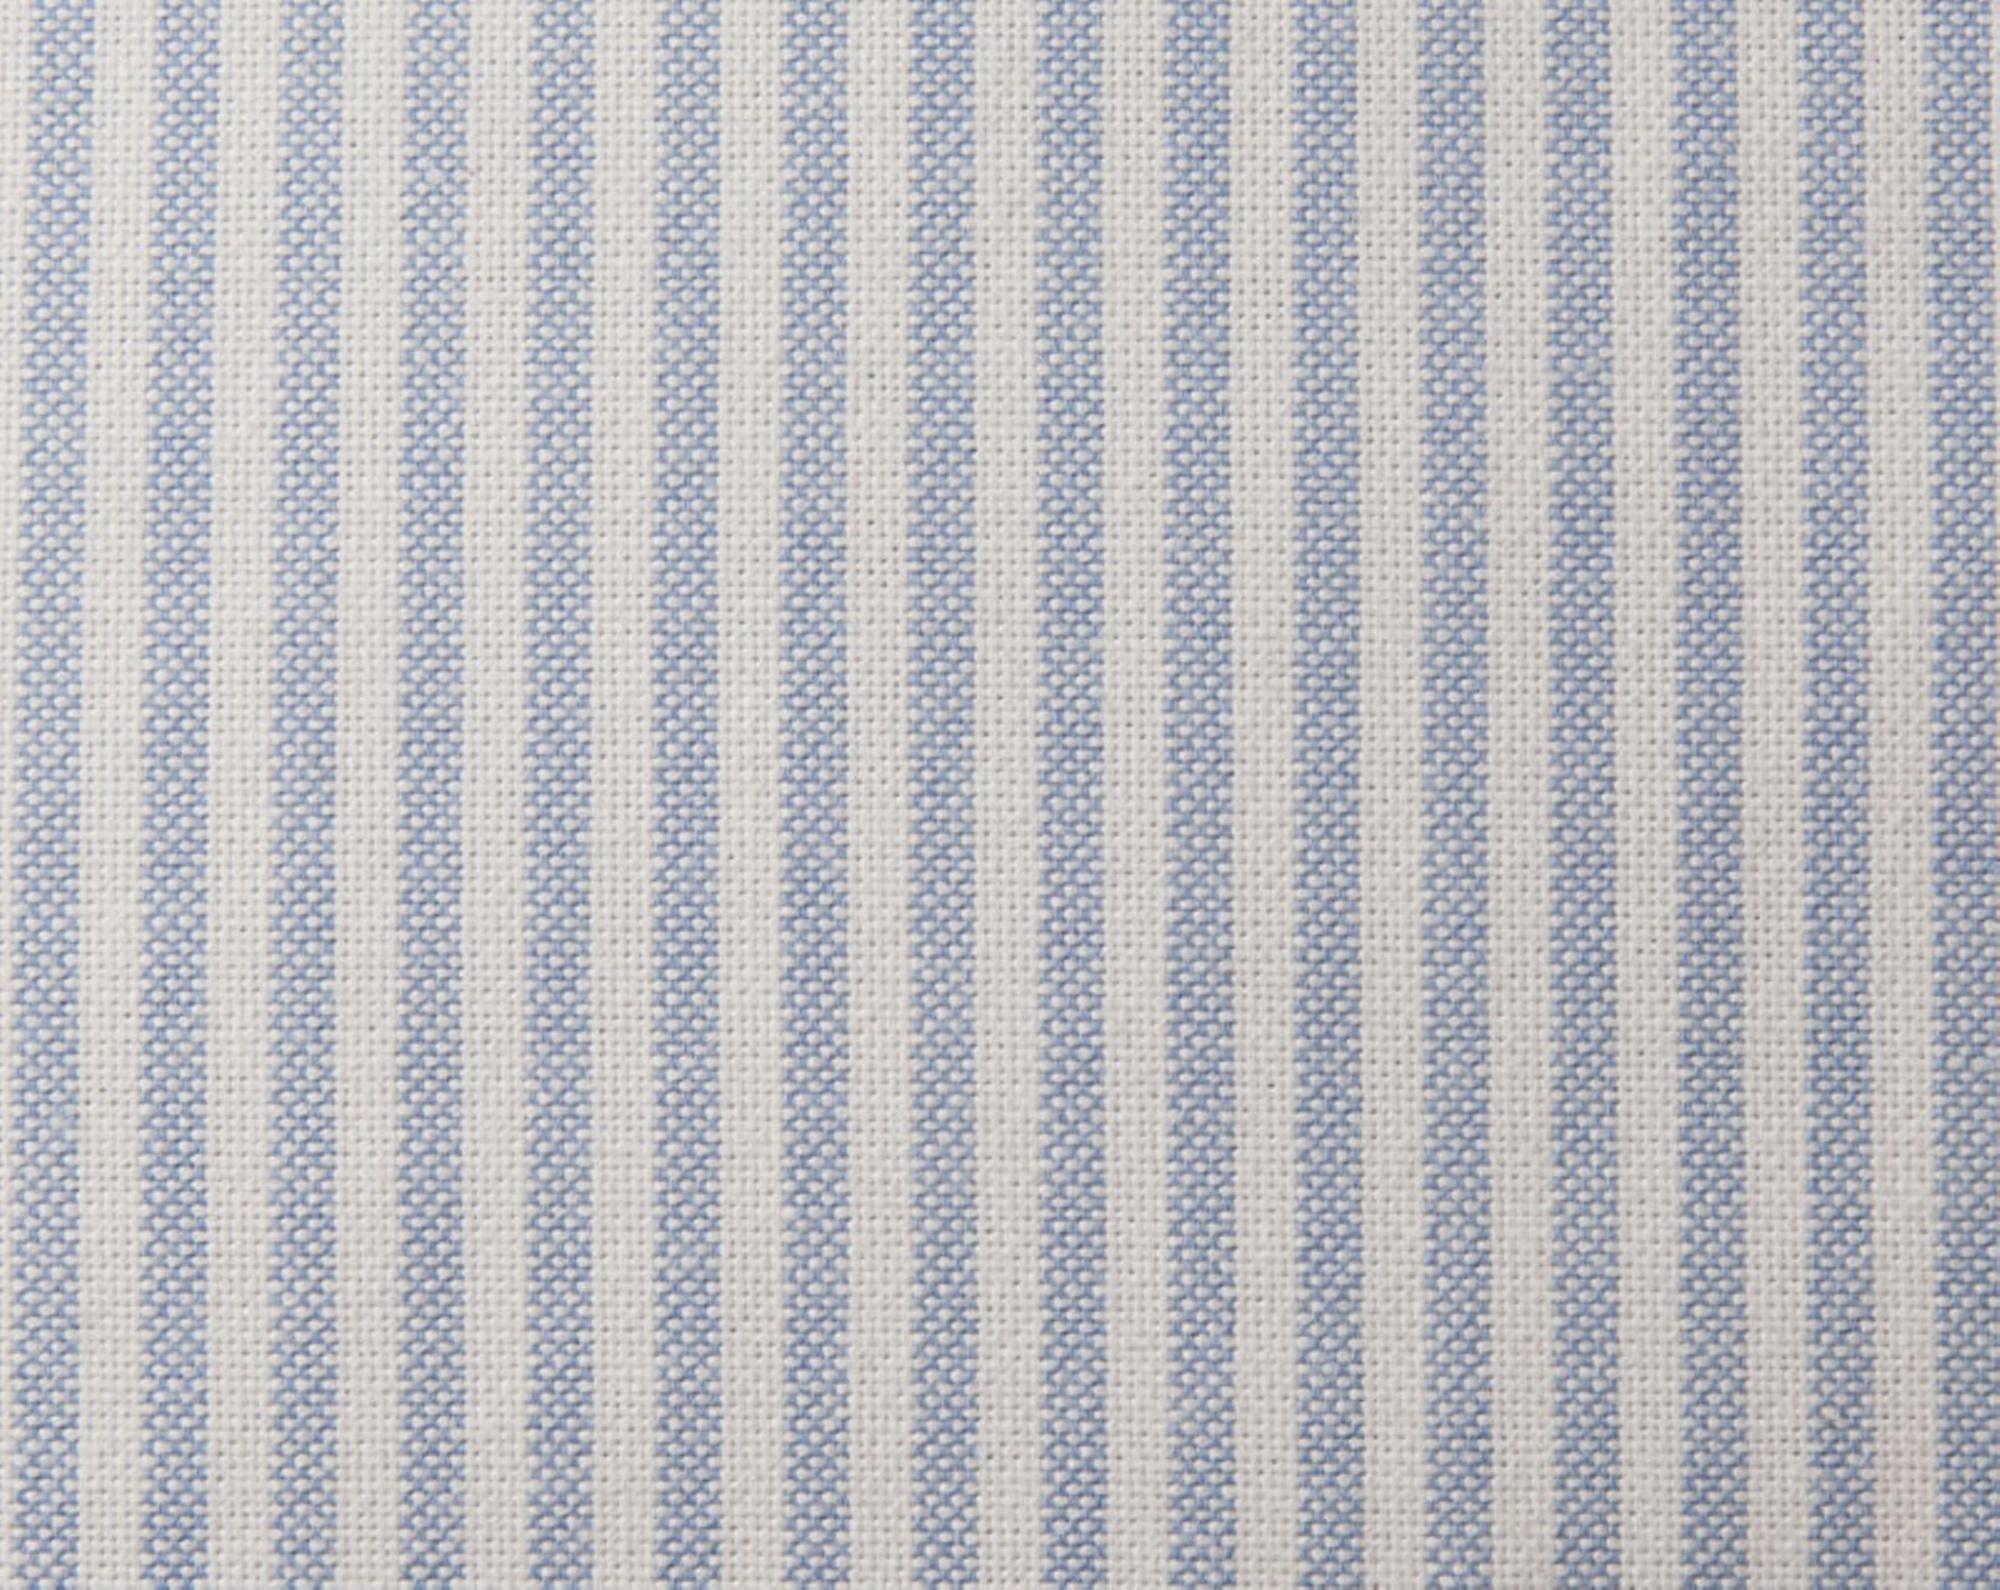 Funda n rdica rayas lexington confort co for Funda nordica blanca y gris